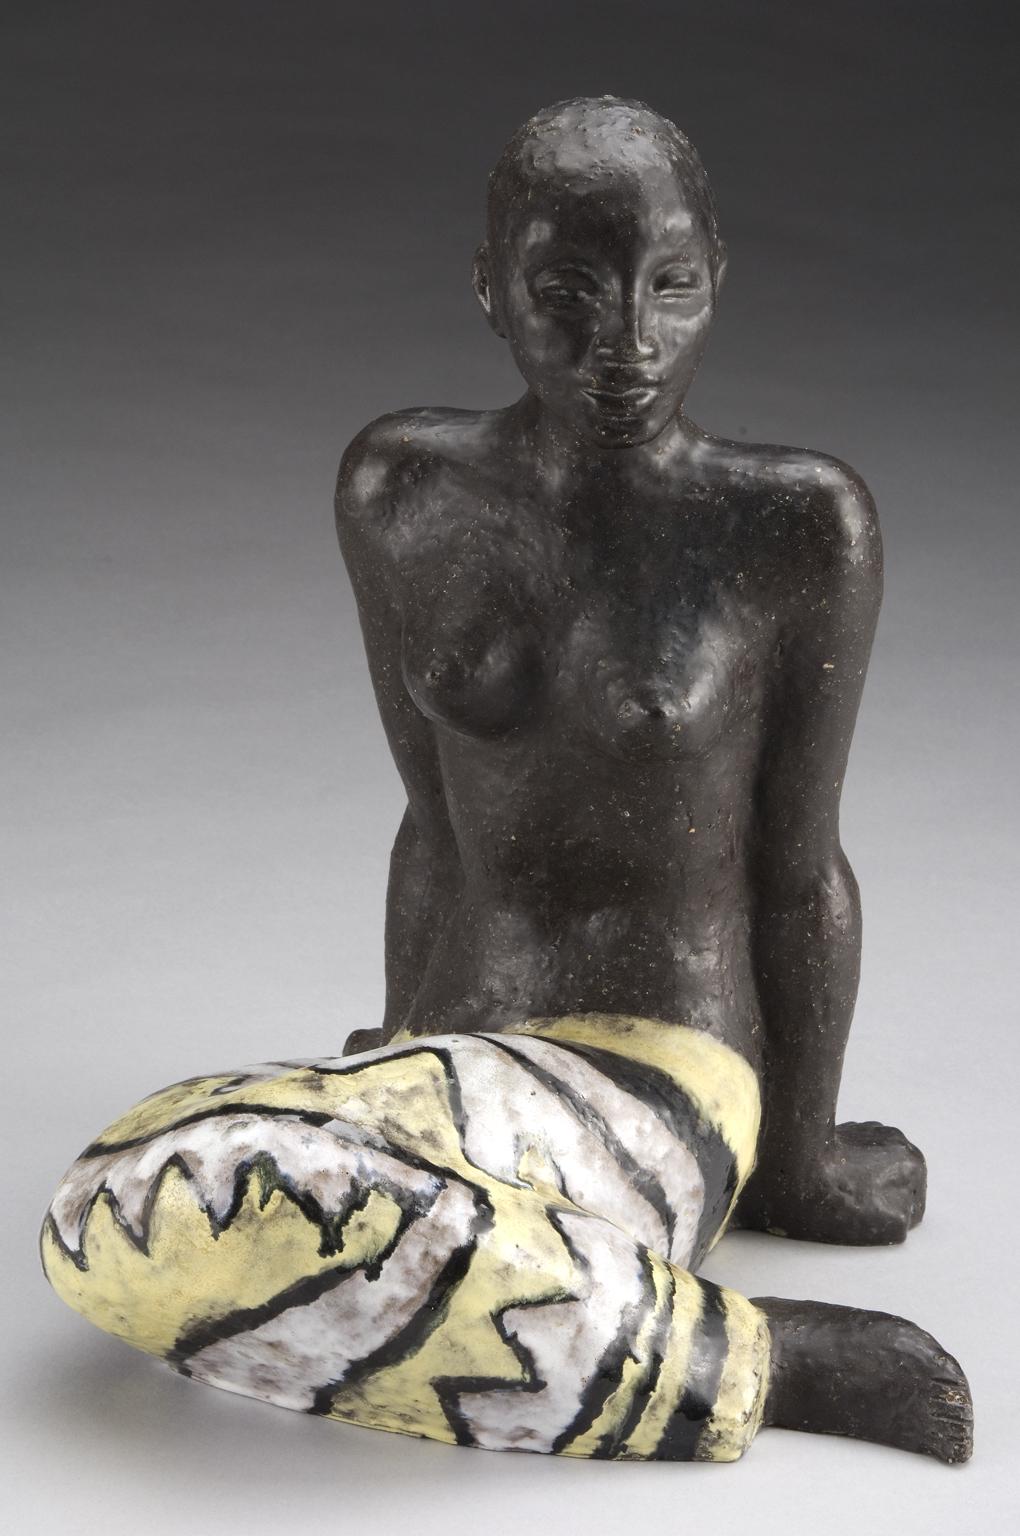 Jacksons Sculpture Vicke Lindstrand